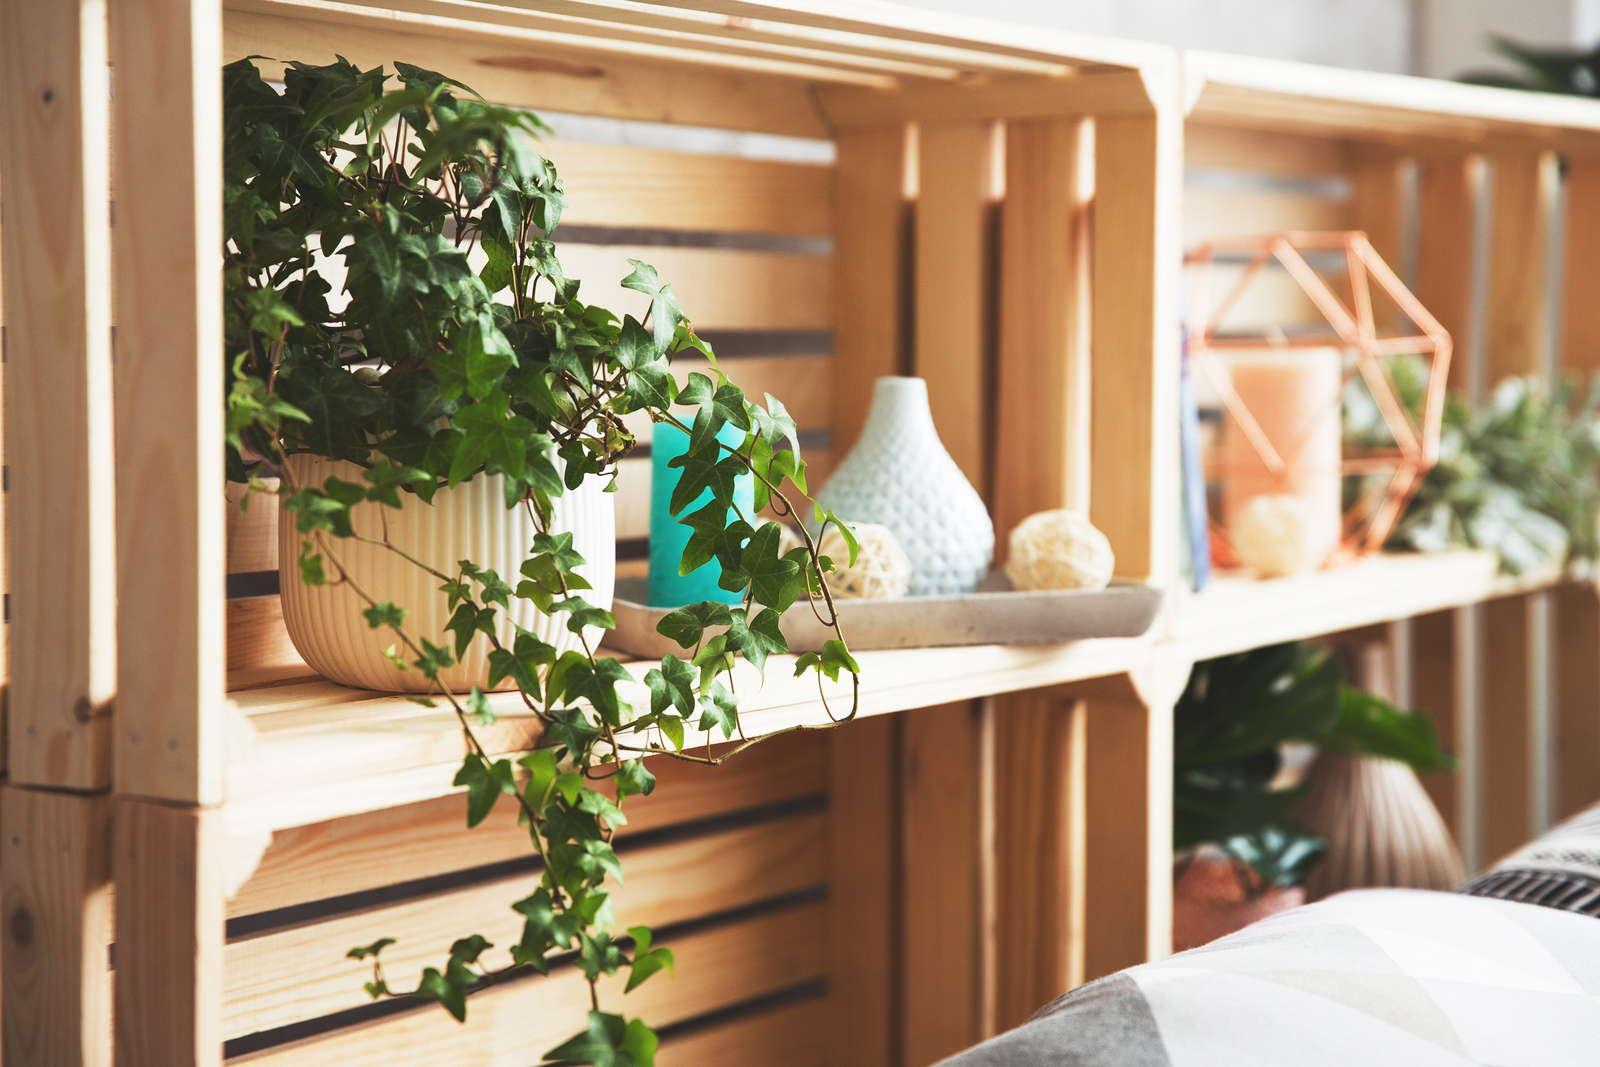 Luftreinigende pflanzen die top 10 plantura - Efeu zimmerpflanze giftig ...